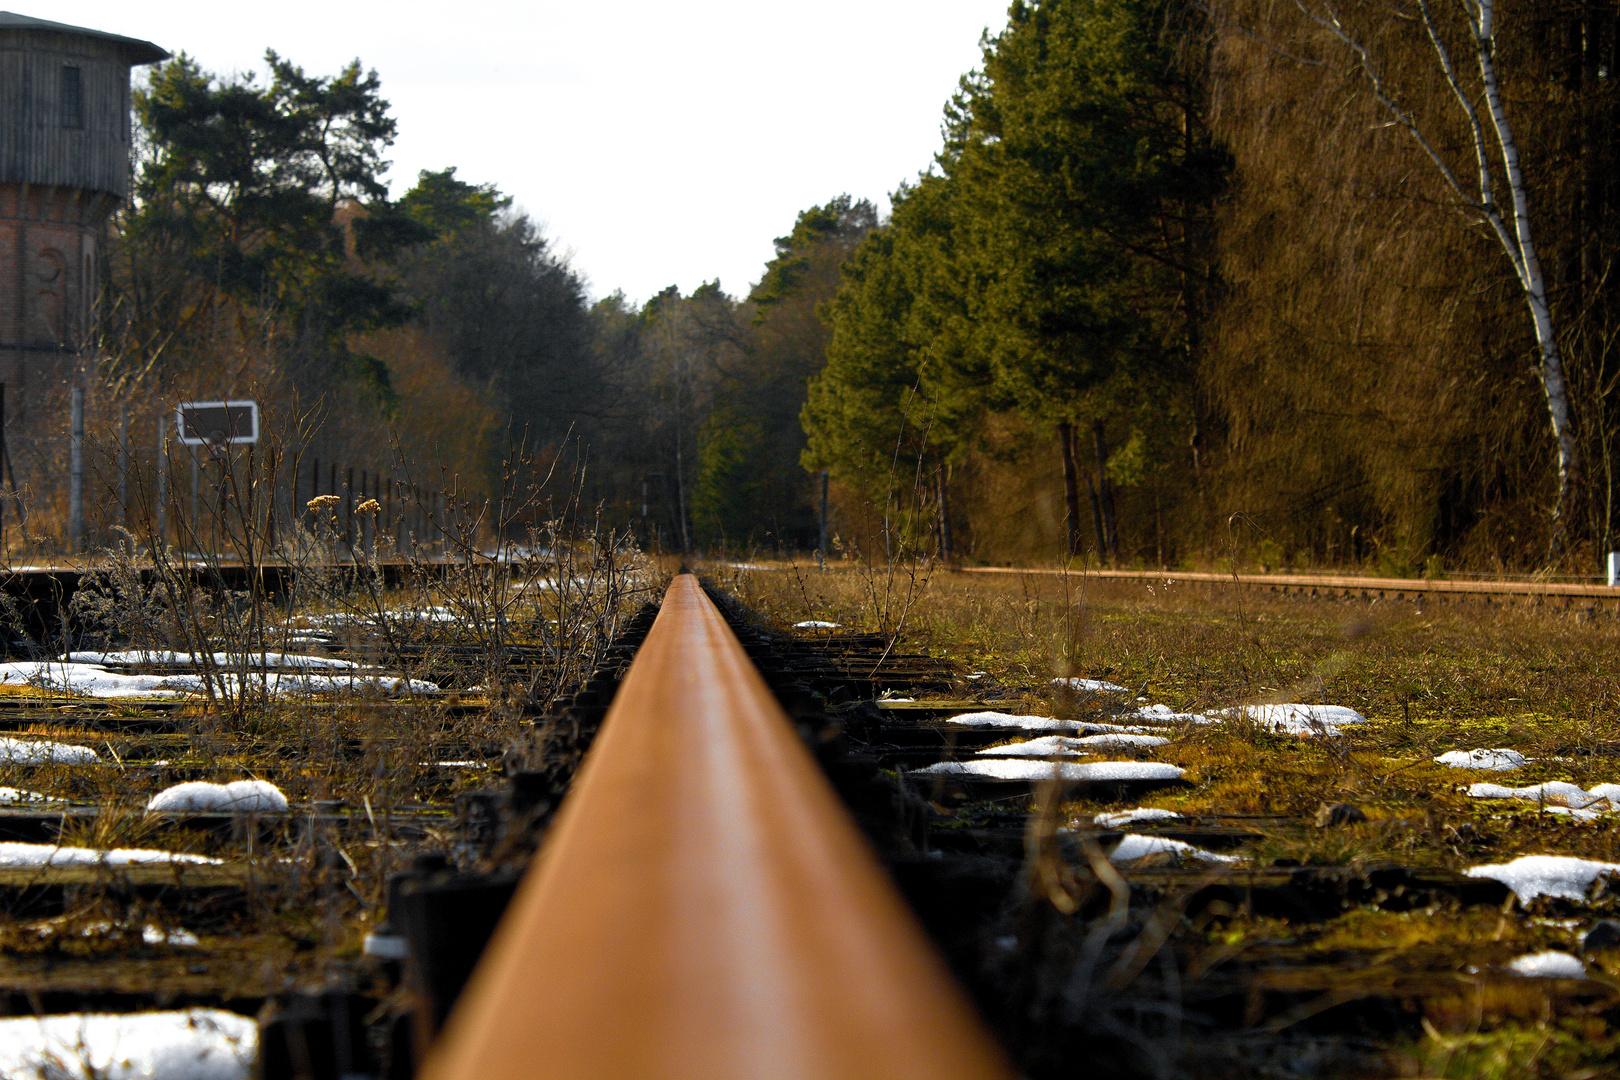 Der letzte Zug ist abgefahren ...